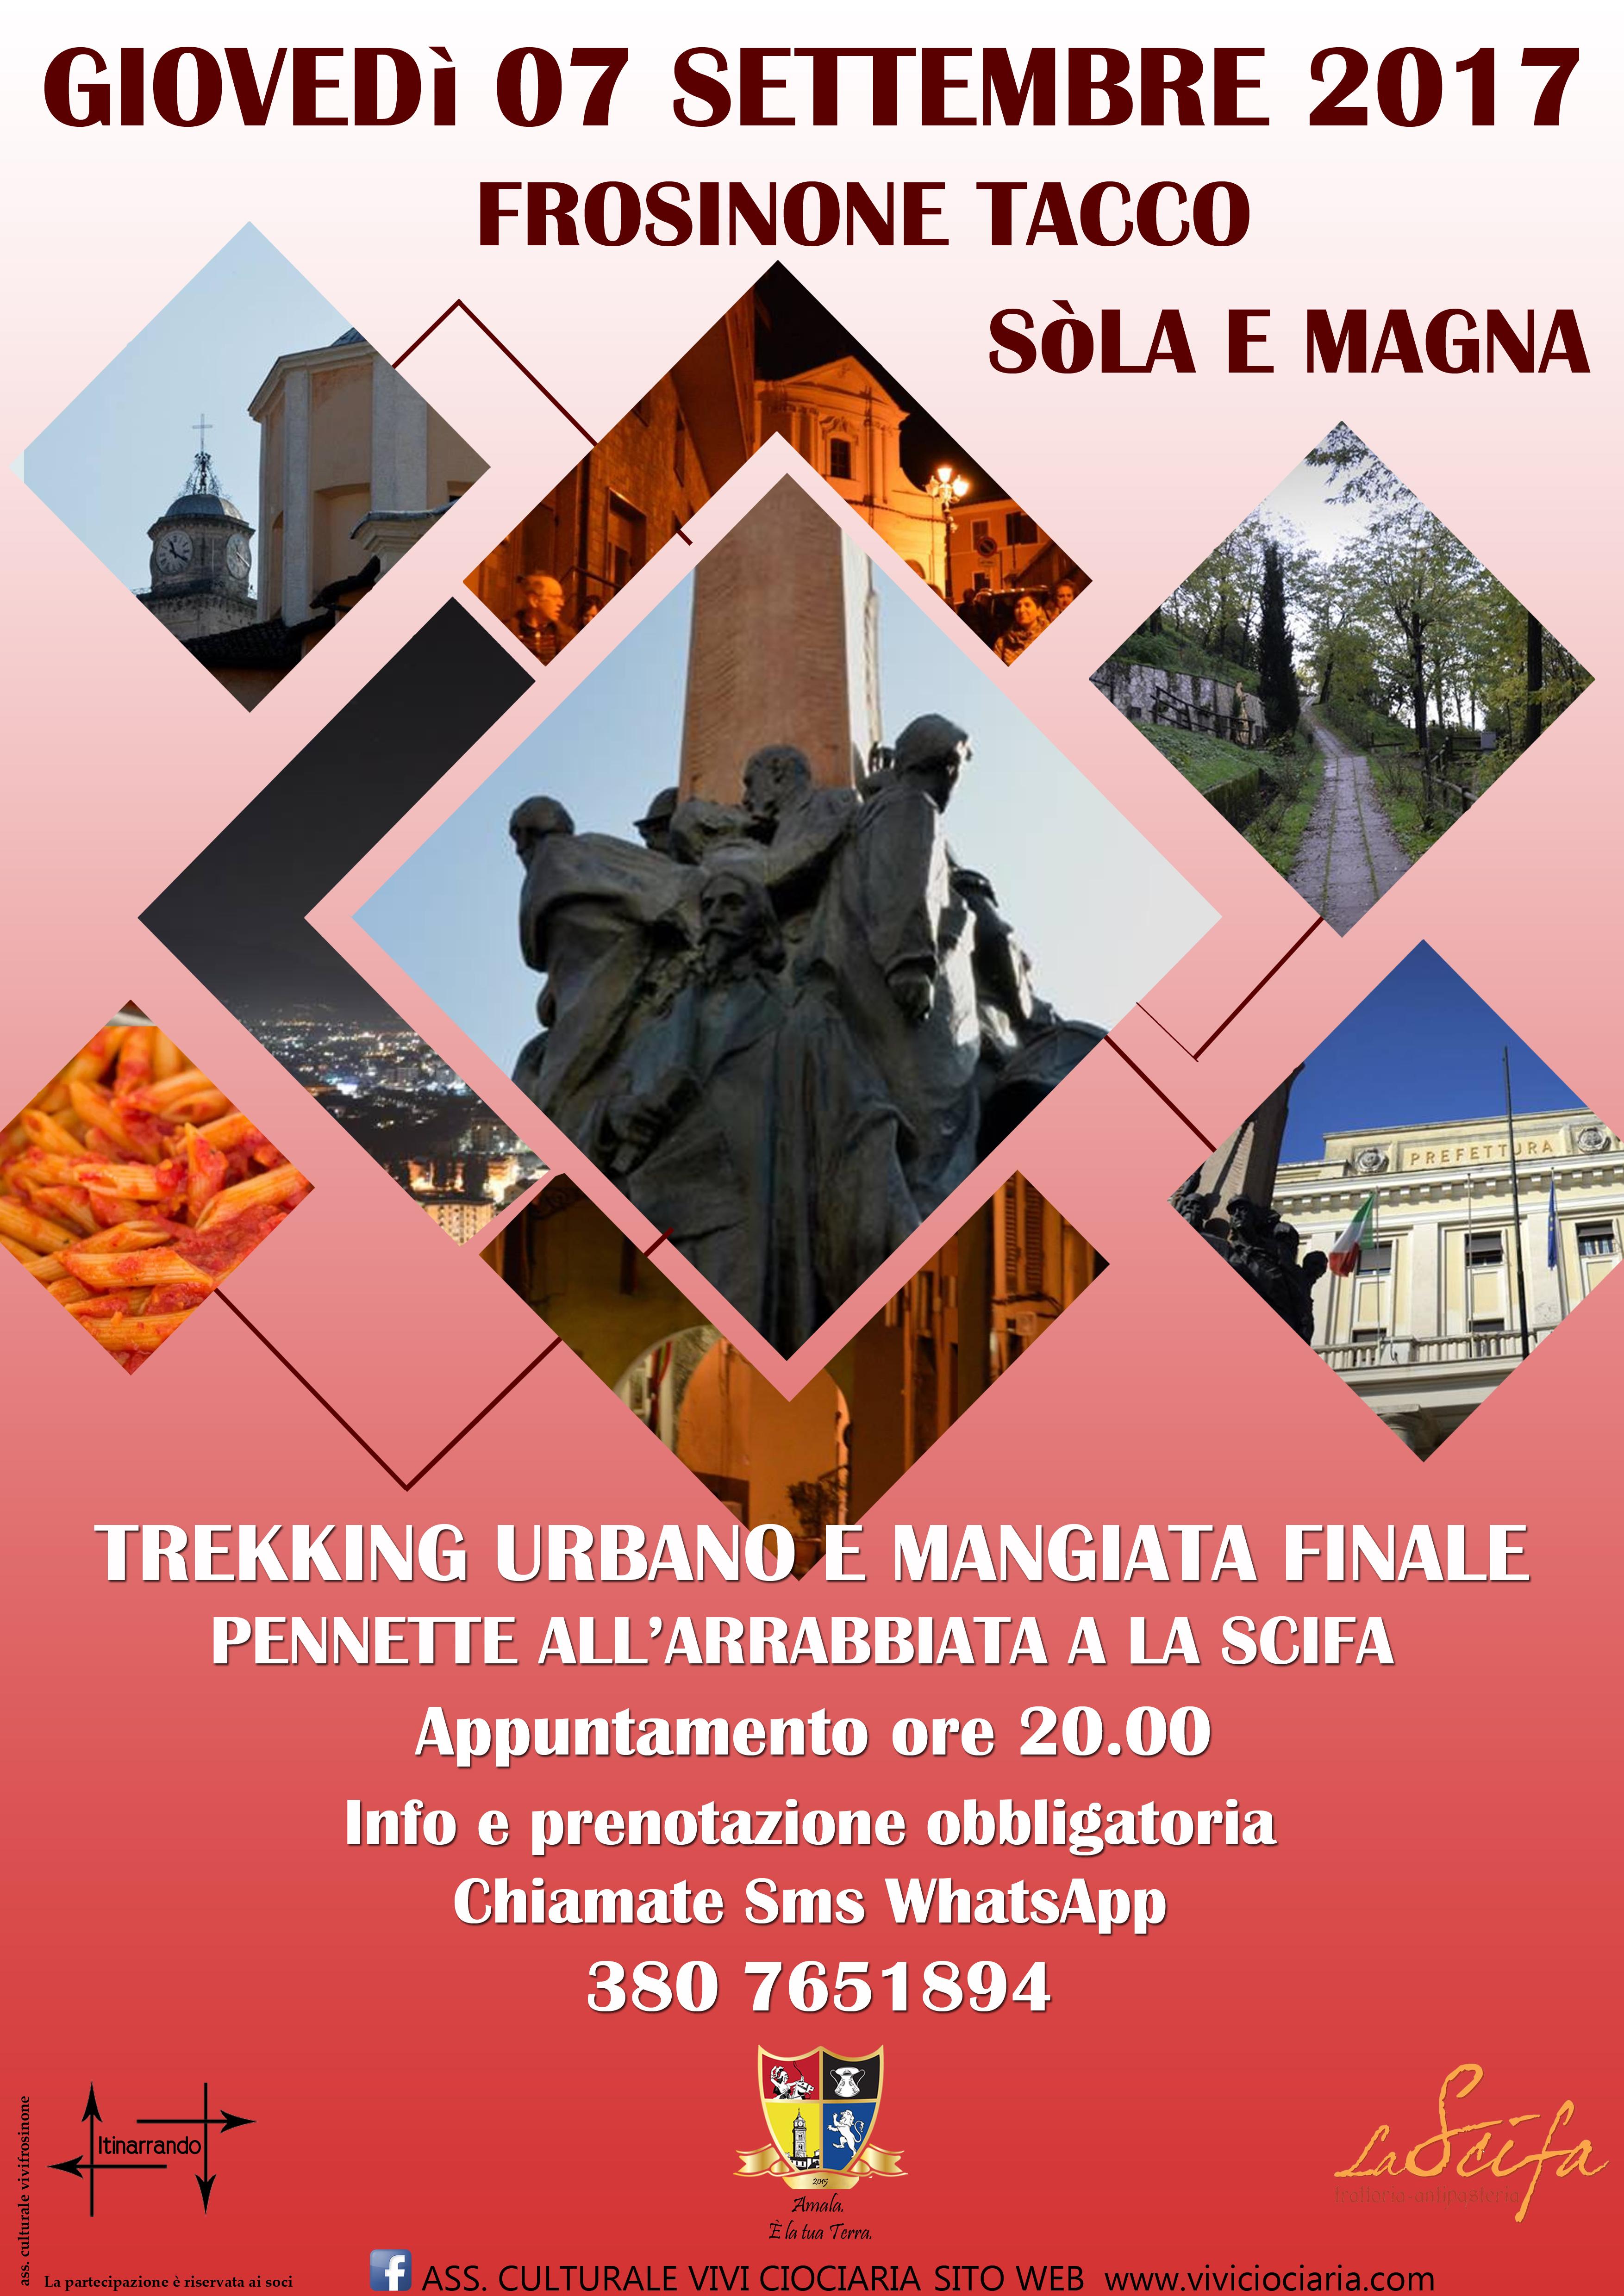 Frosinone tacco e s la il trekking urbano del capoluogo for Trento frosinone